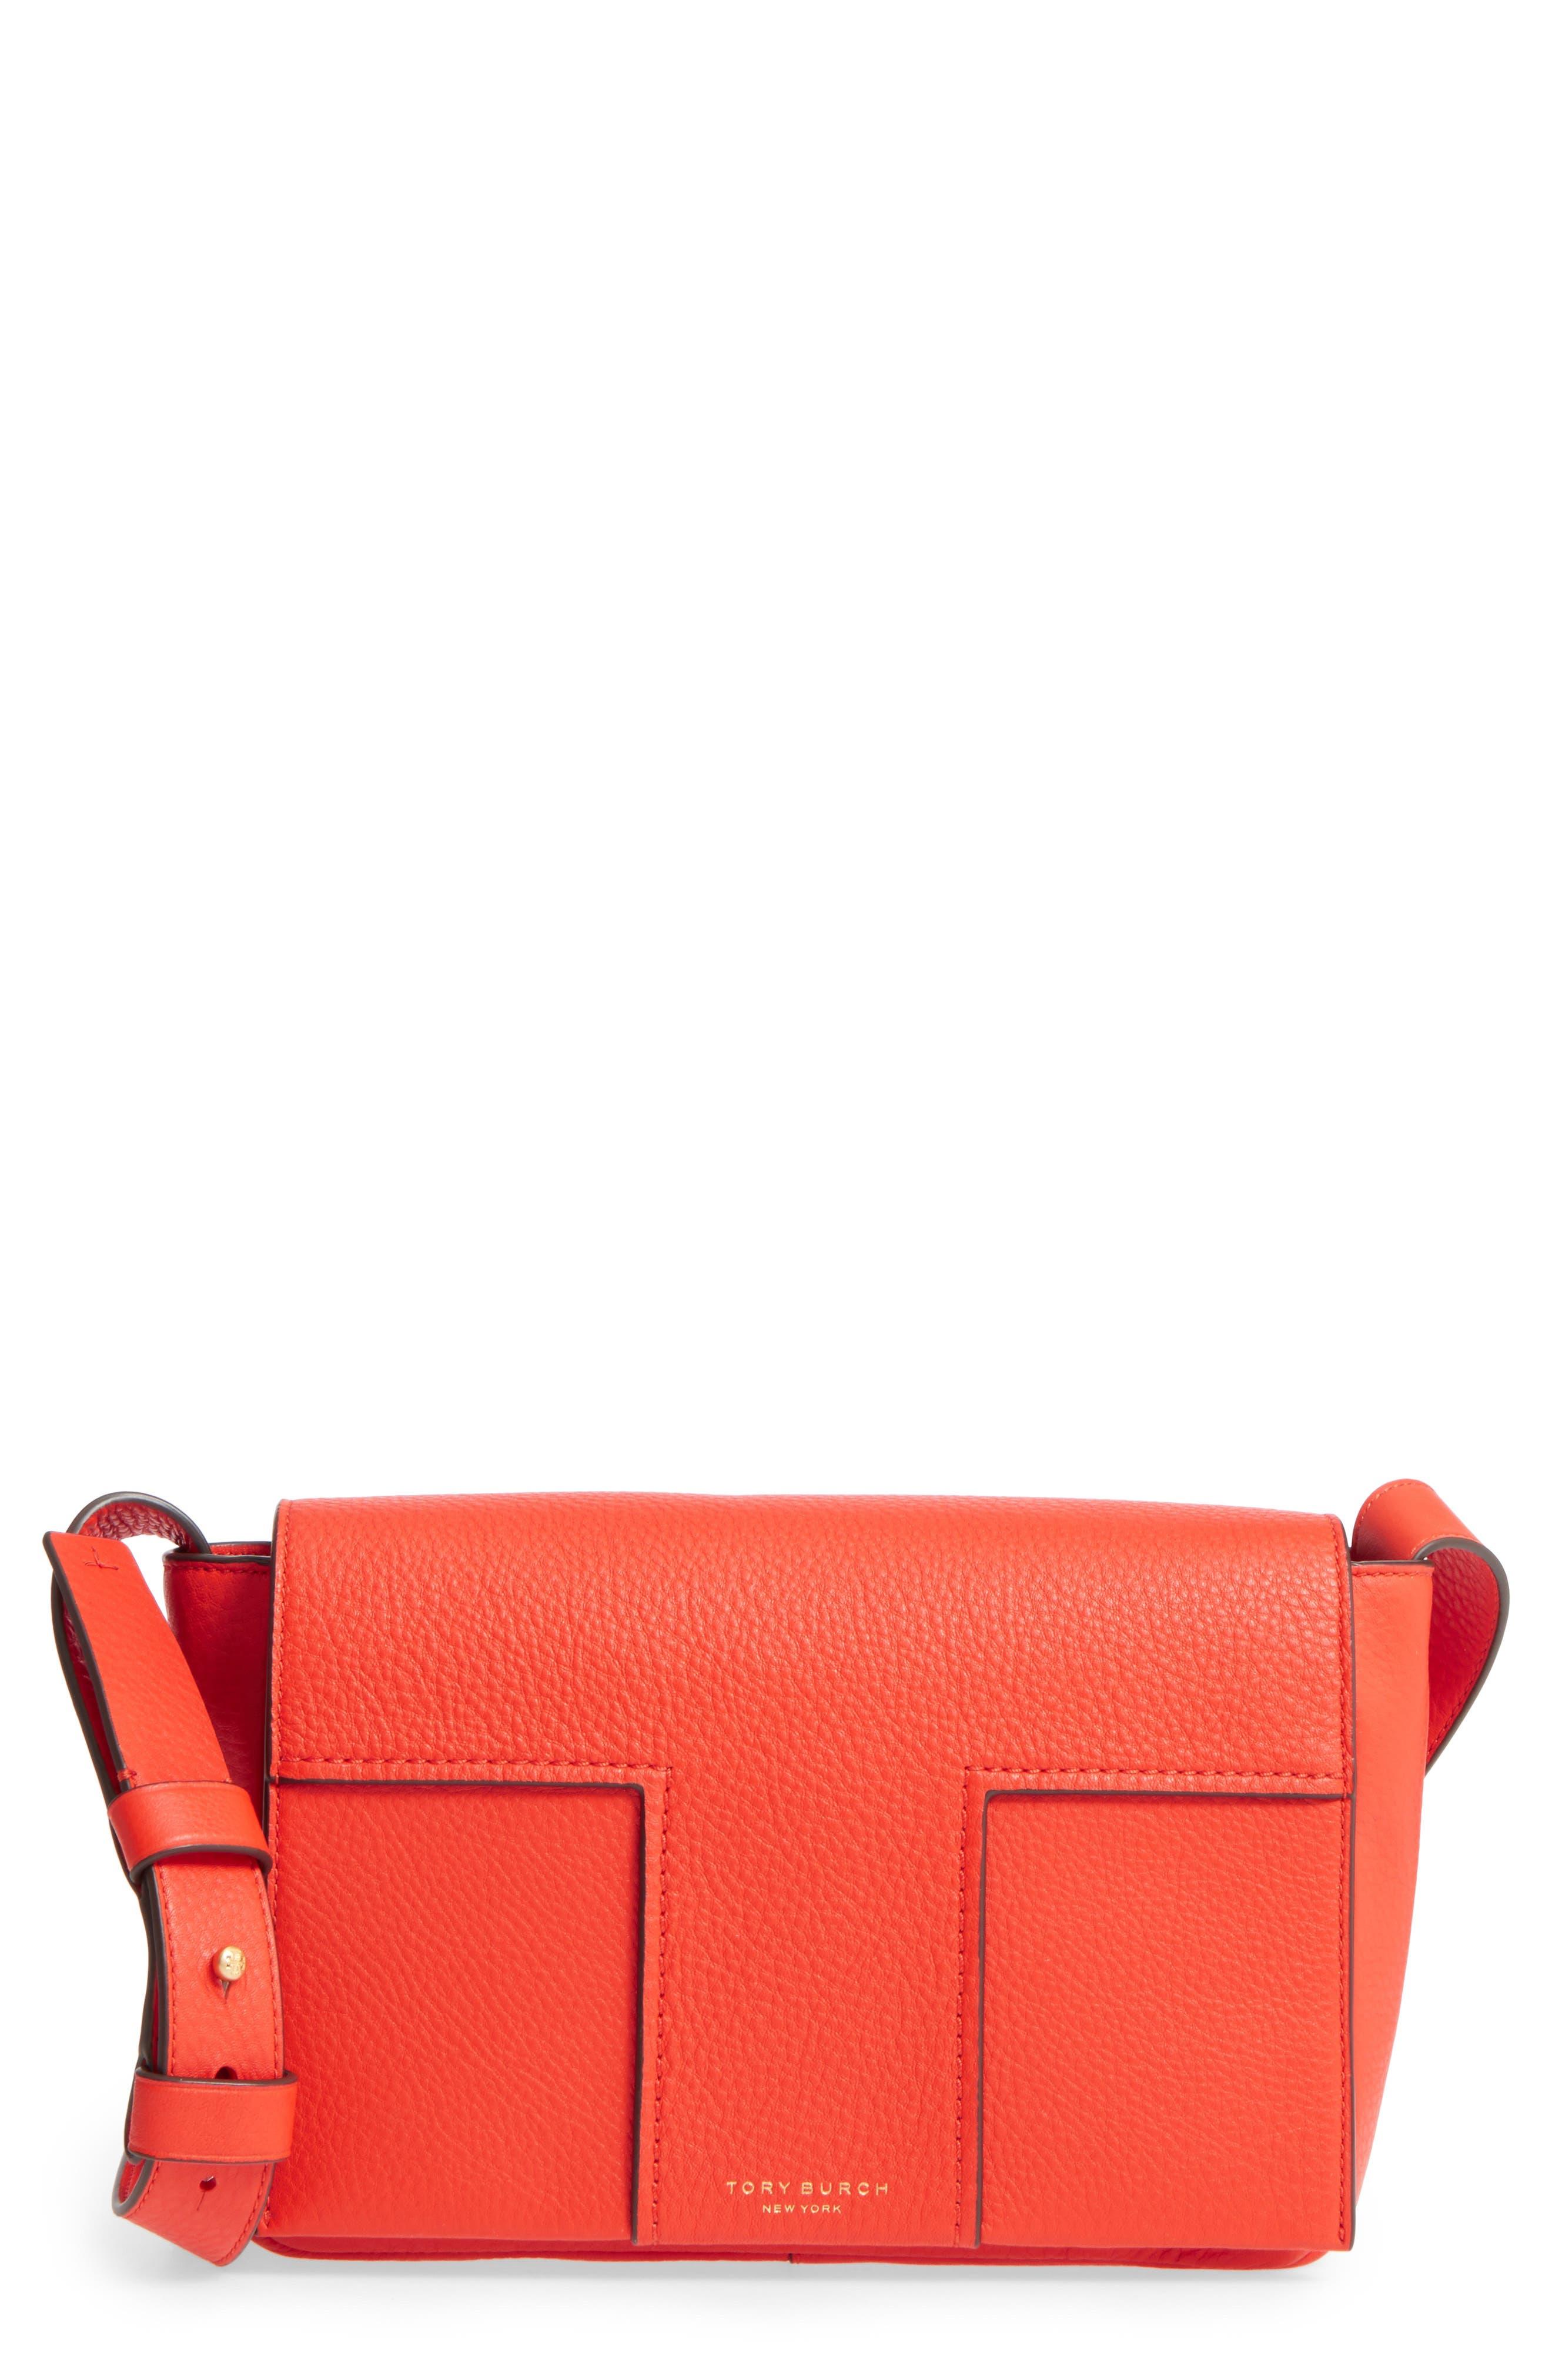 Block-T Pebbled Leather Shoulder Bag,                         Main,                         color, Spicy Orange